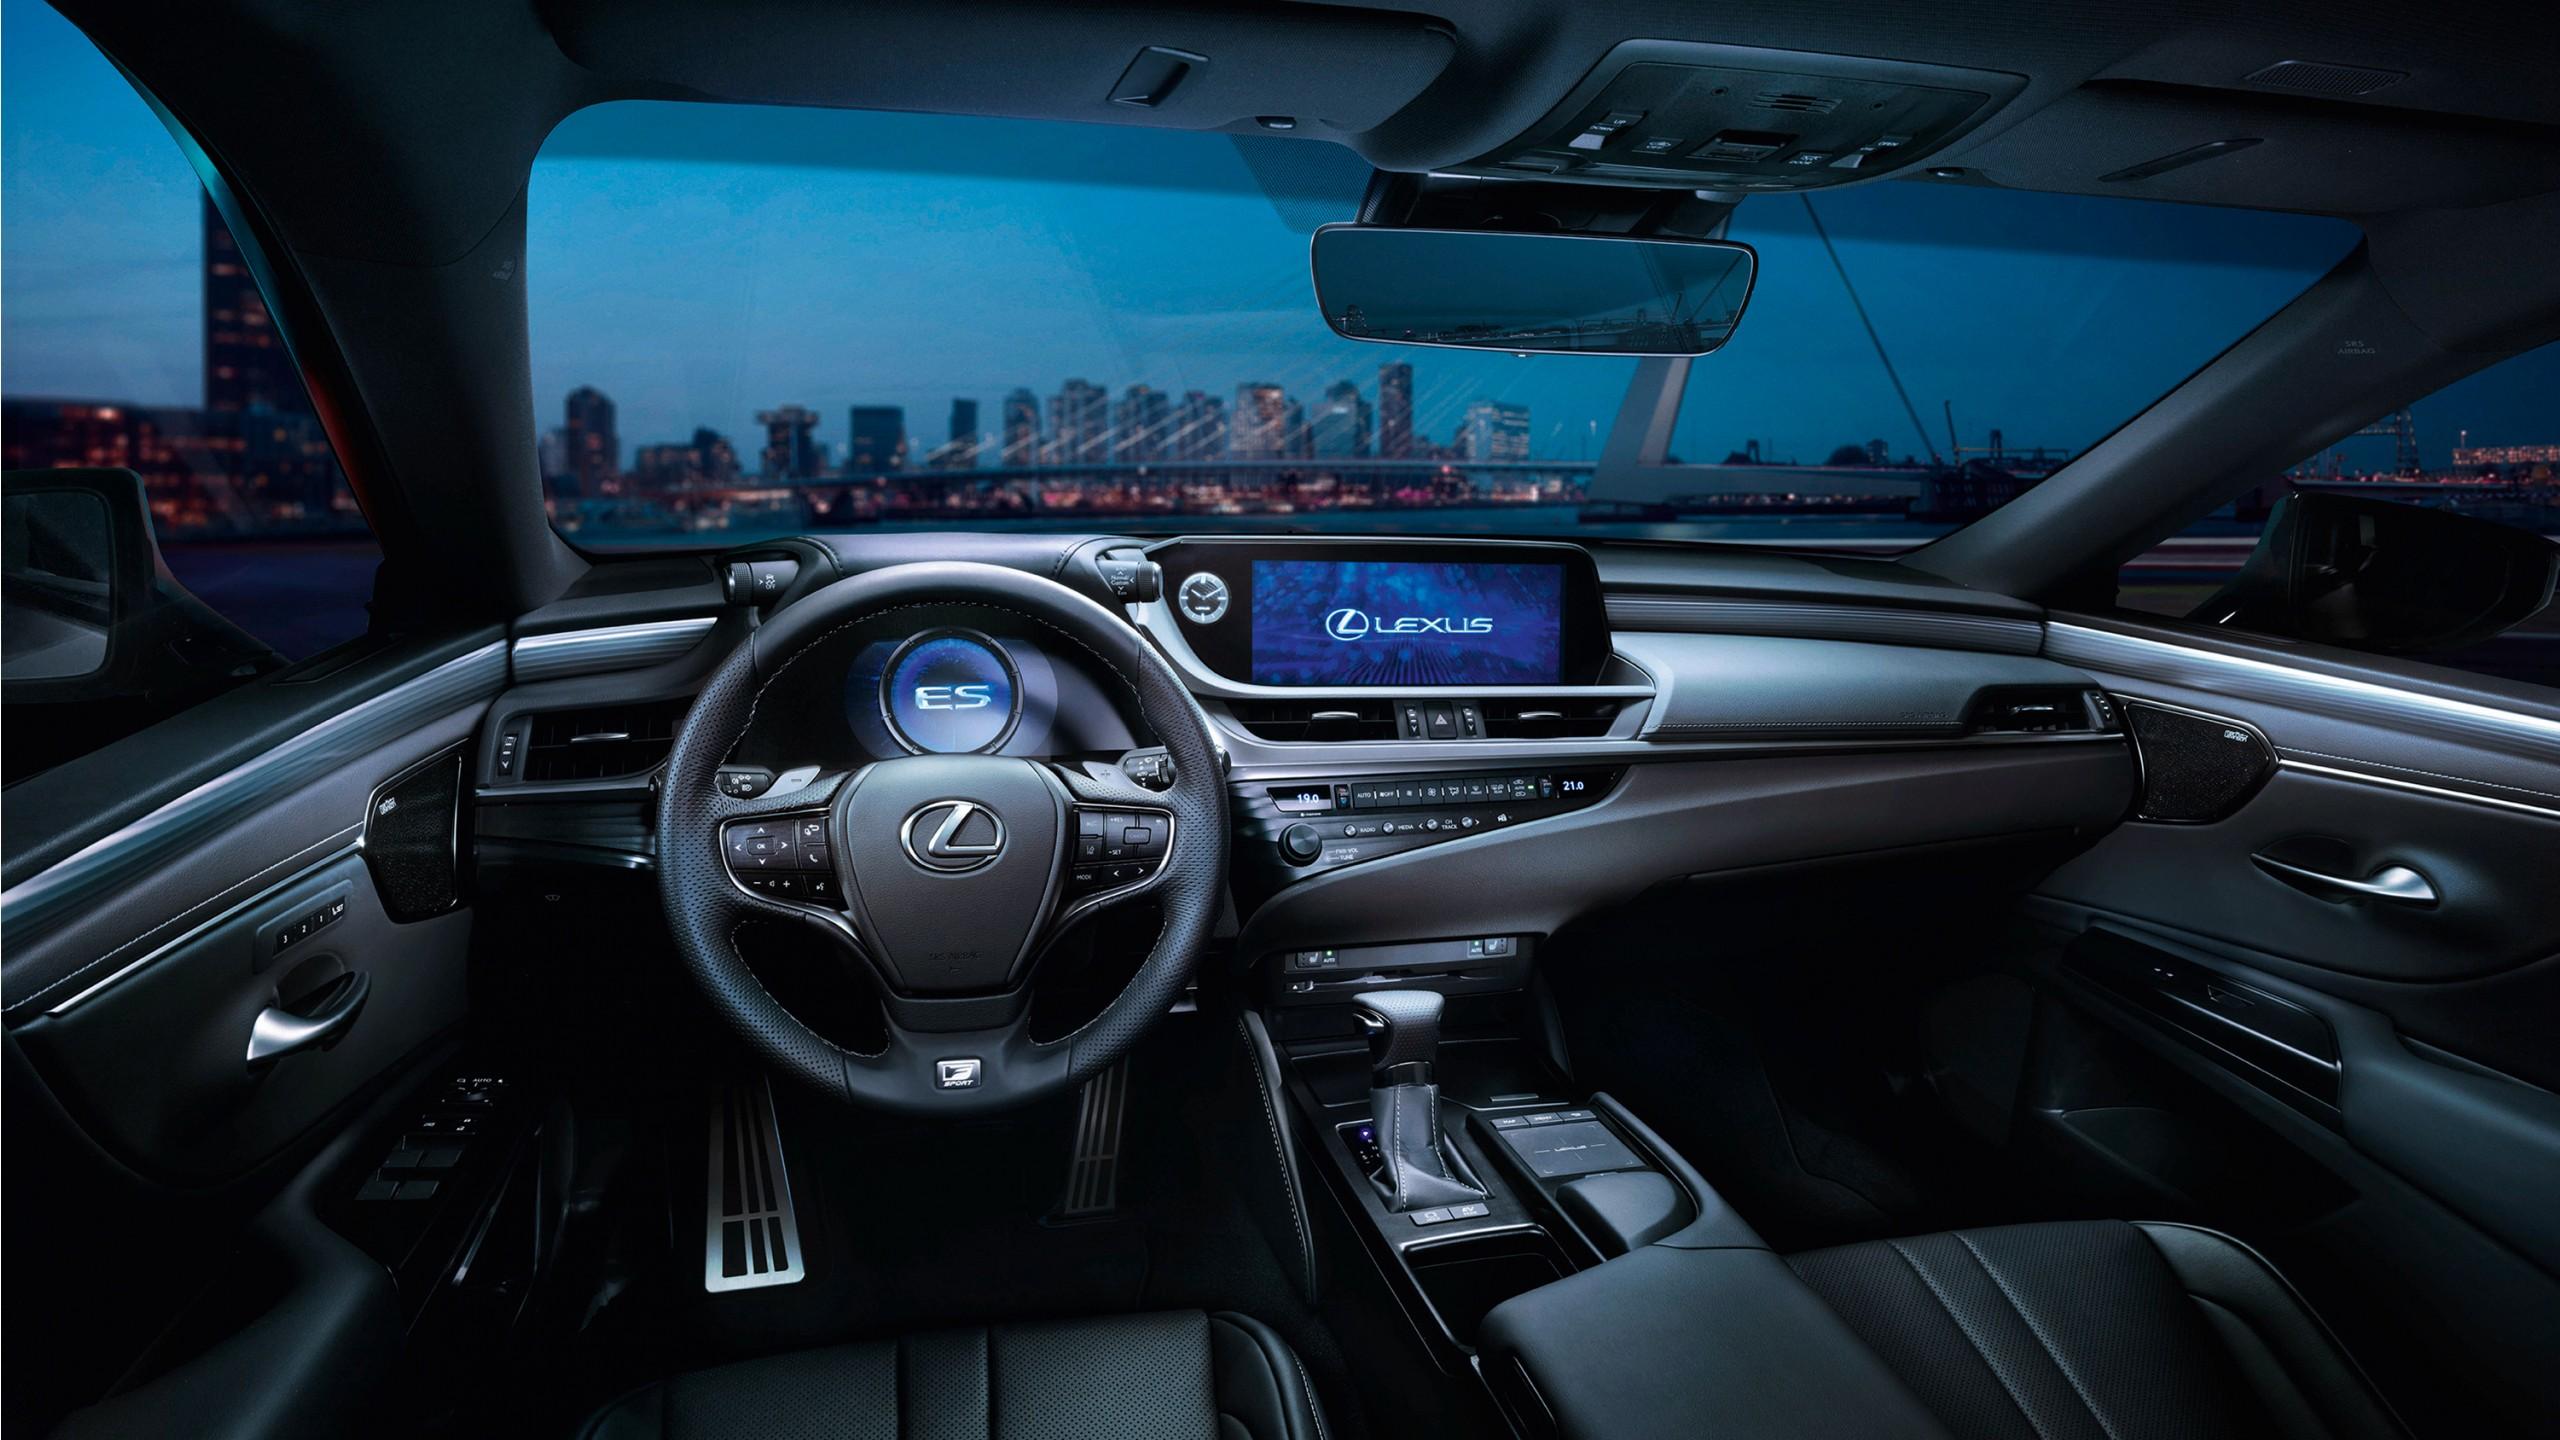 2018 Lexus ES 300h F Sport Interior Wallpaper | HD Car ...